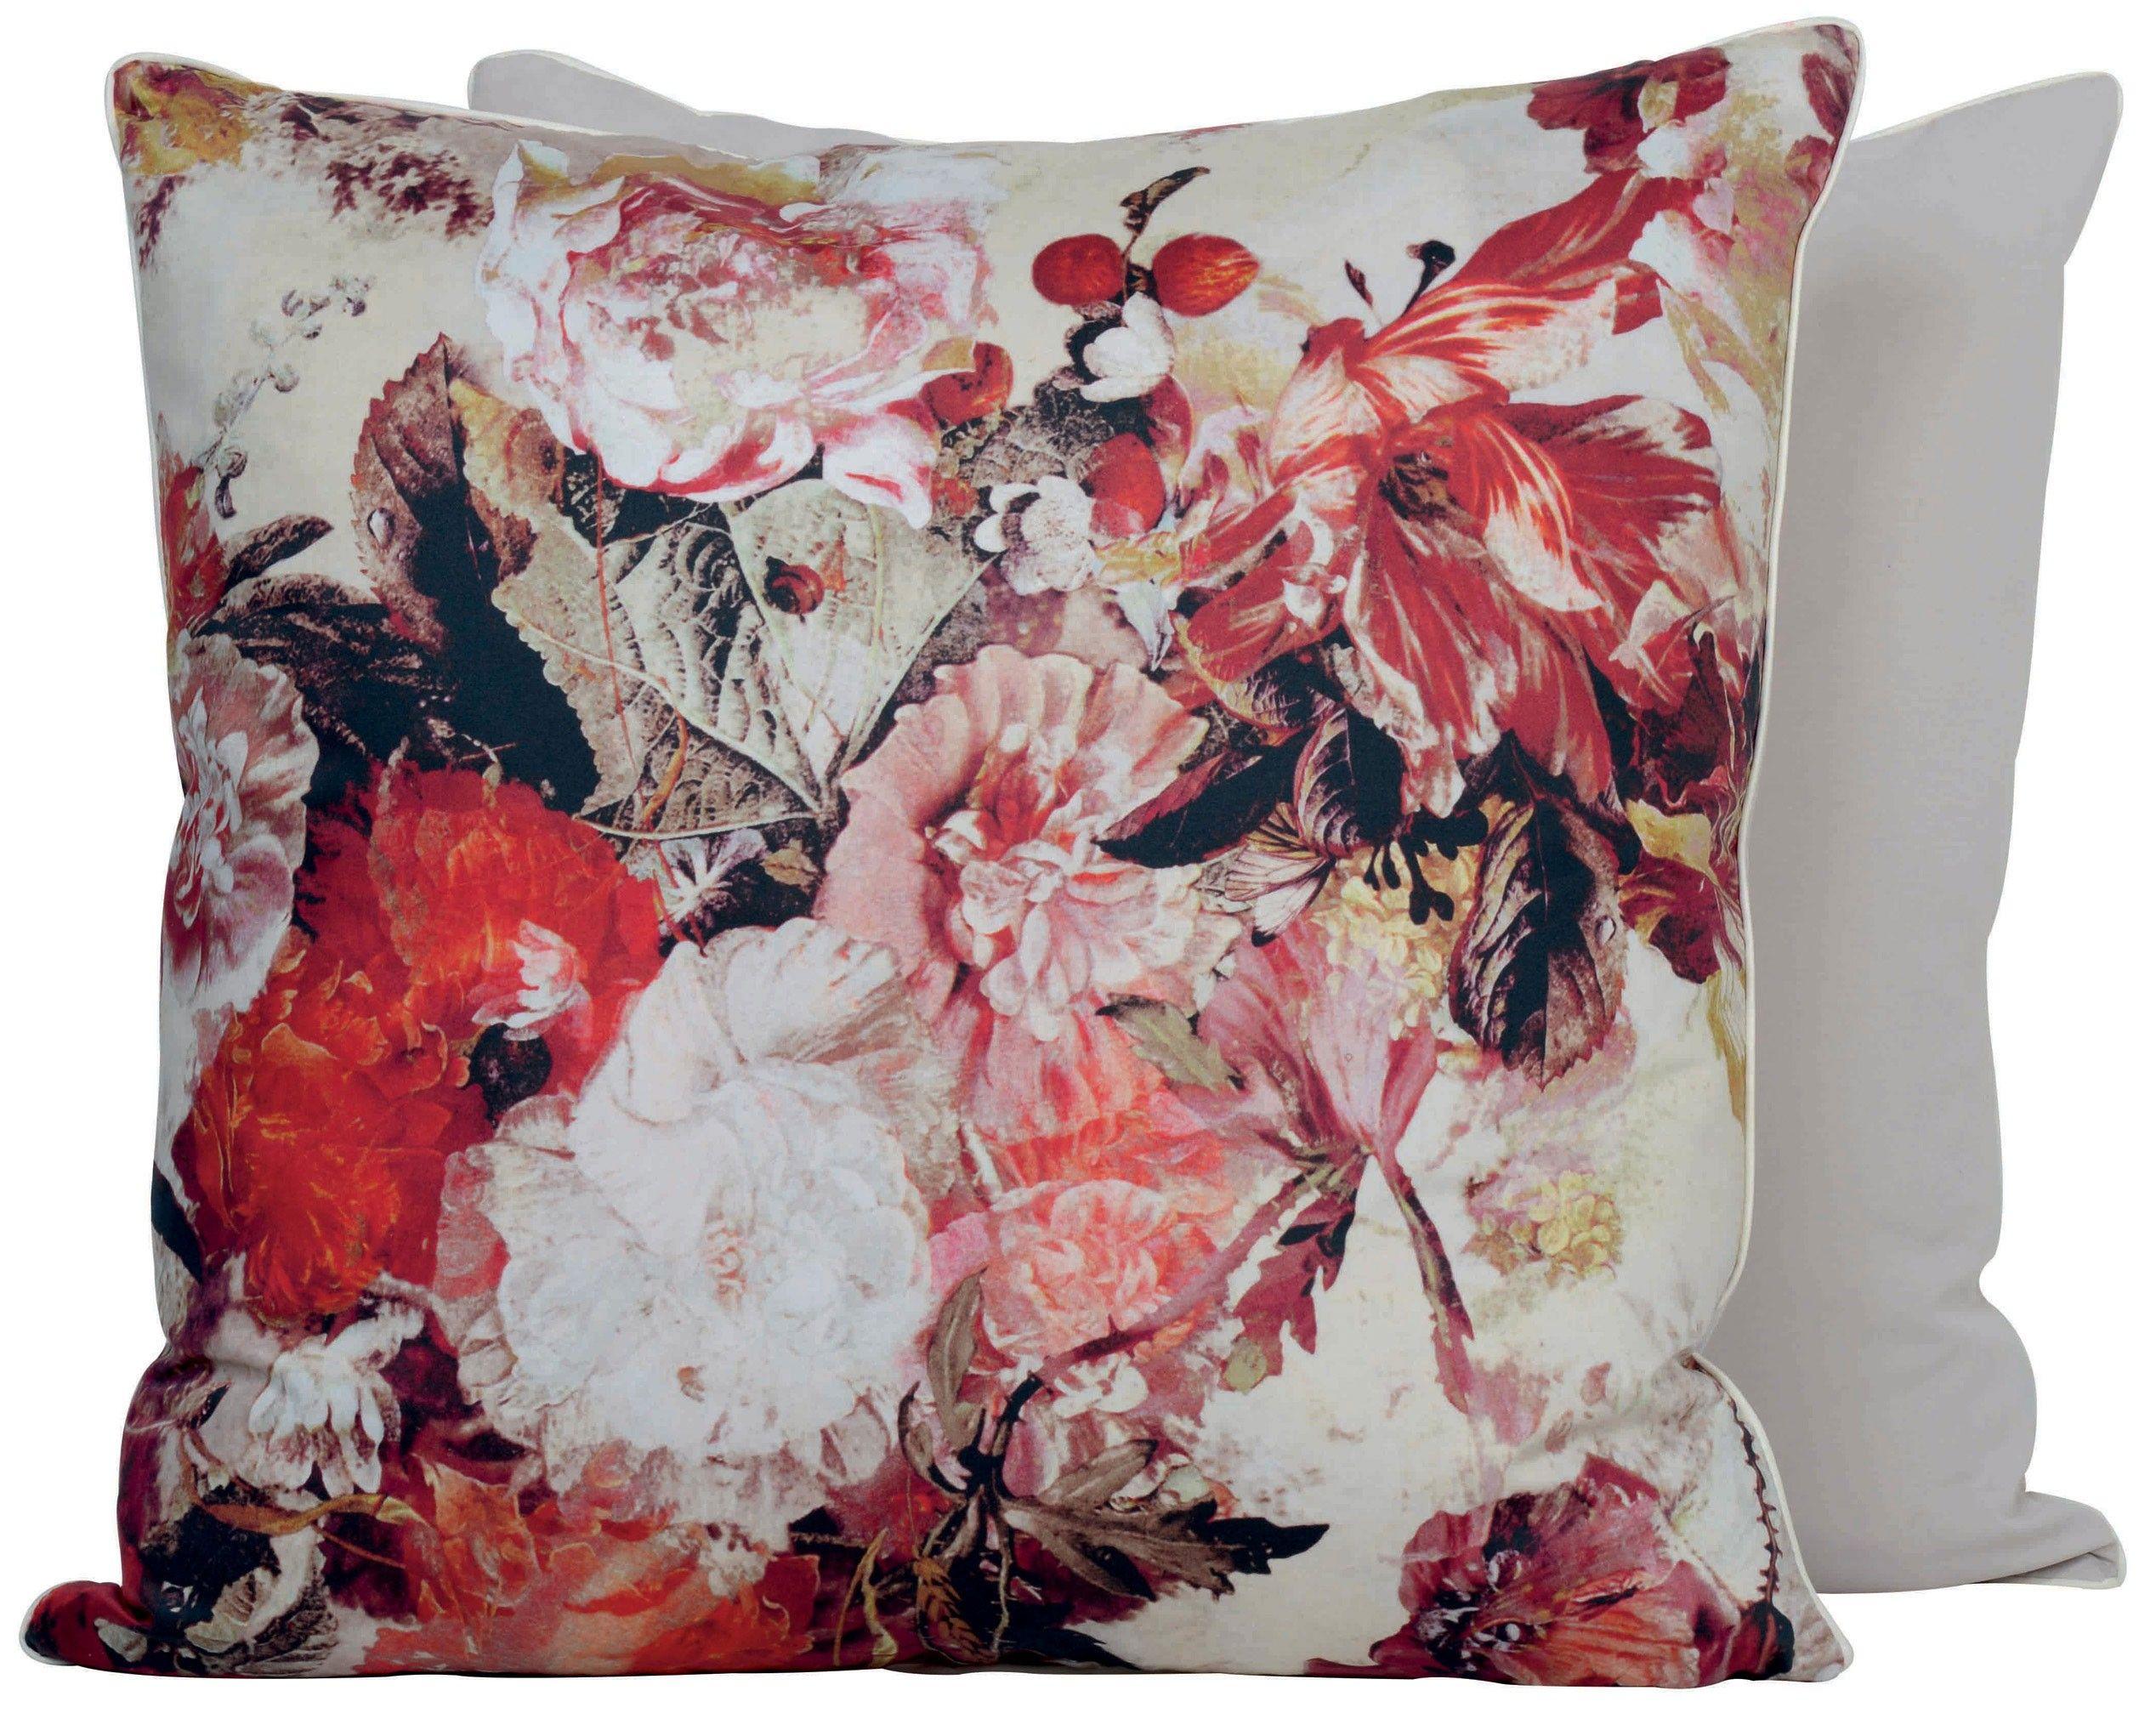 Jean paul gaultier decorative pillow